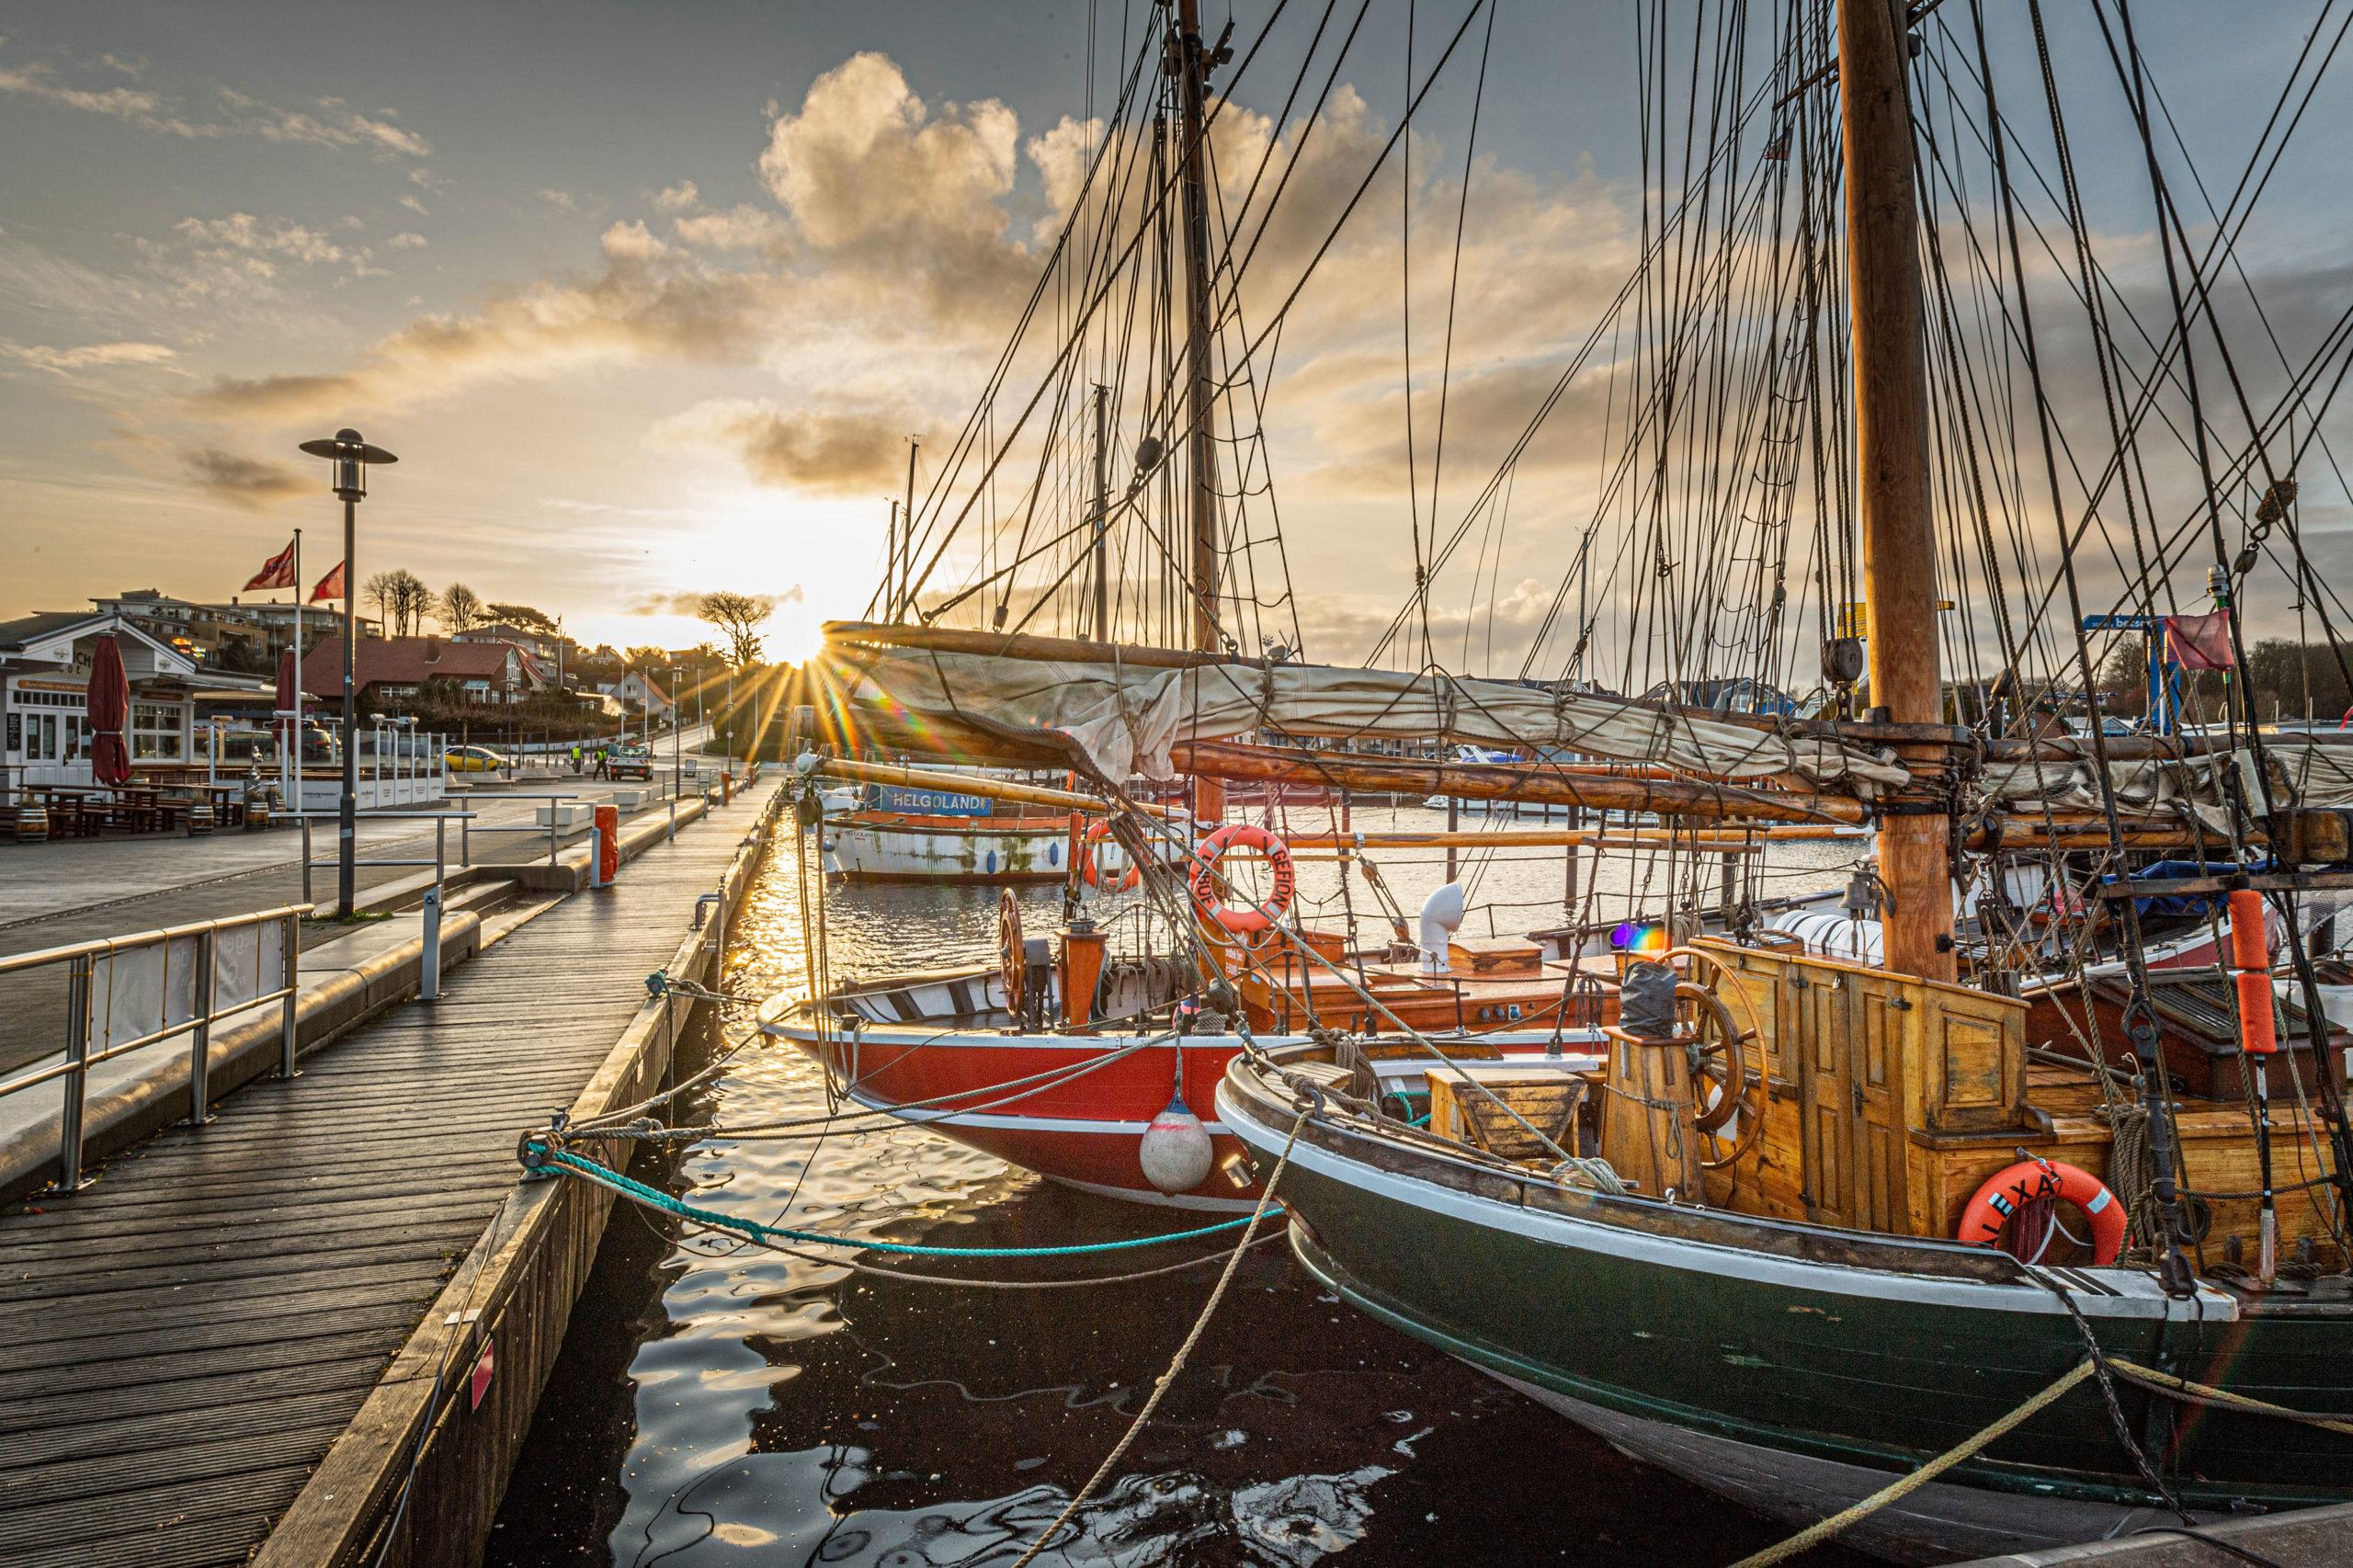 Aktive Auszeit am Meer im Hafen von Laboe